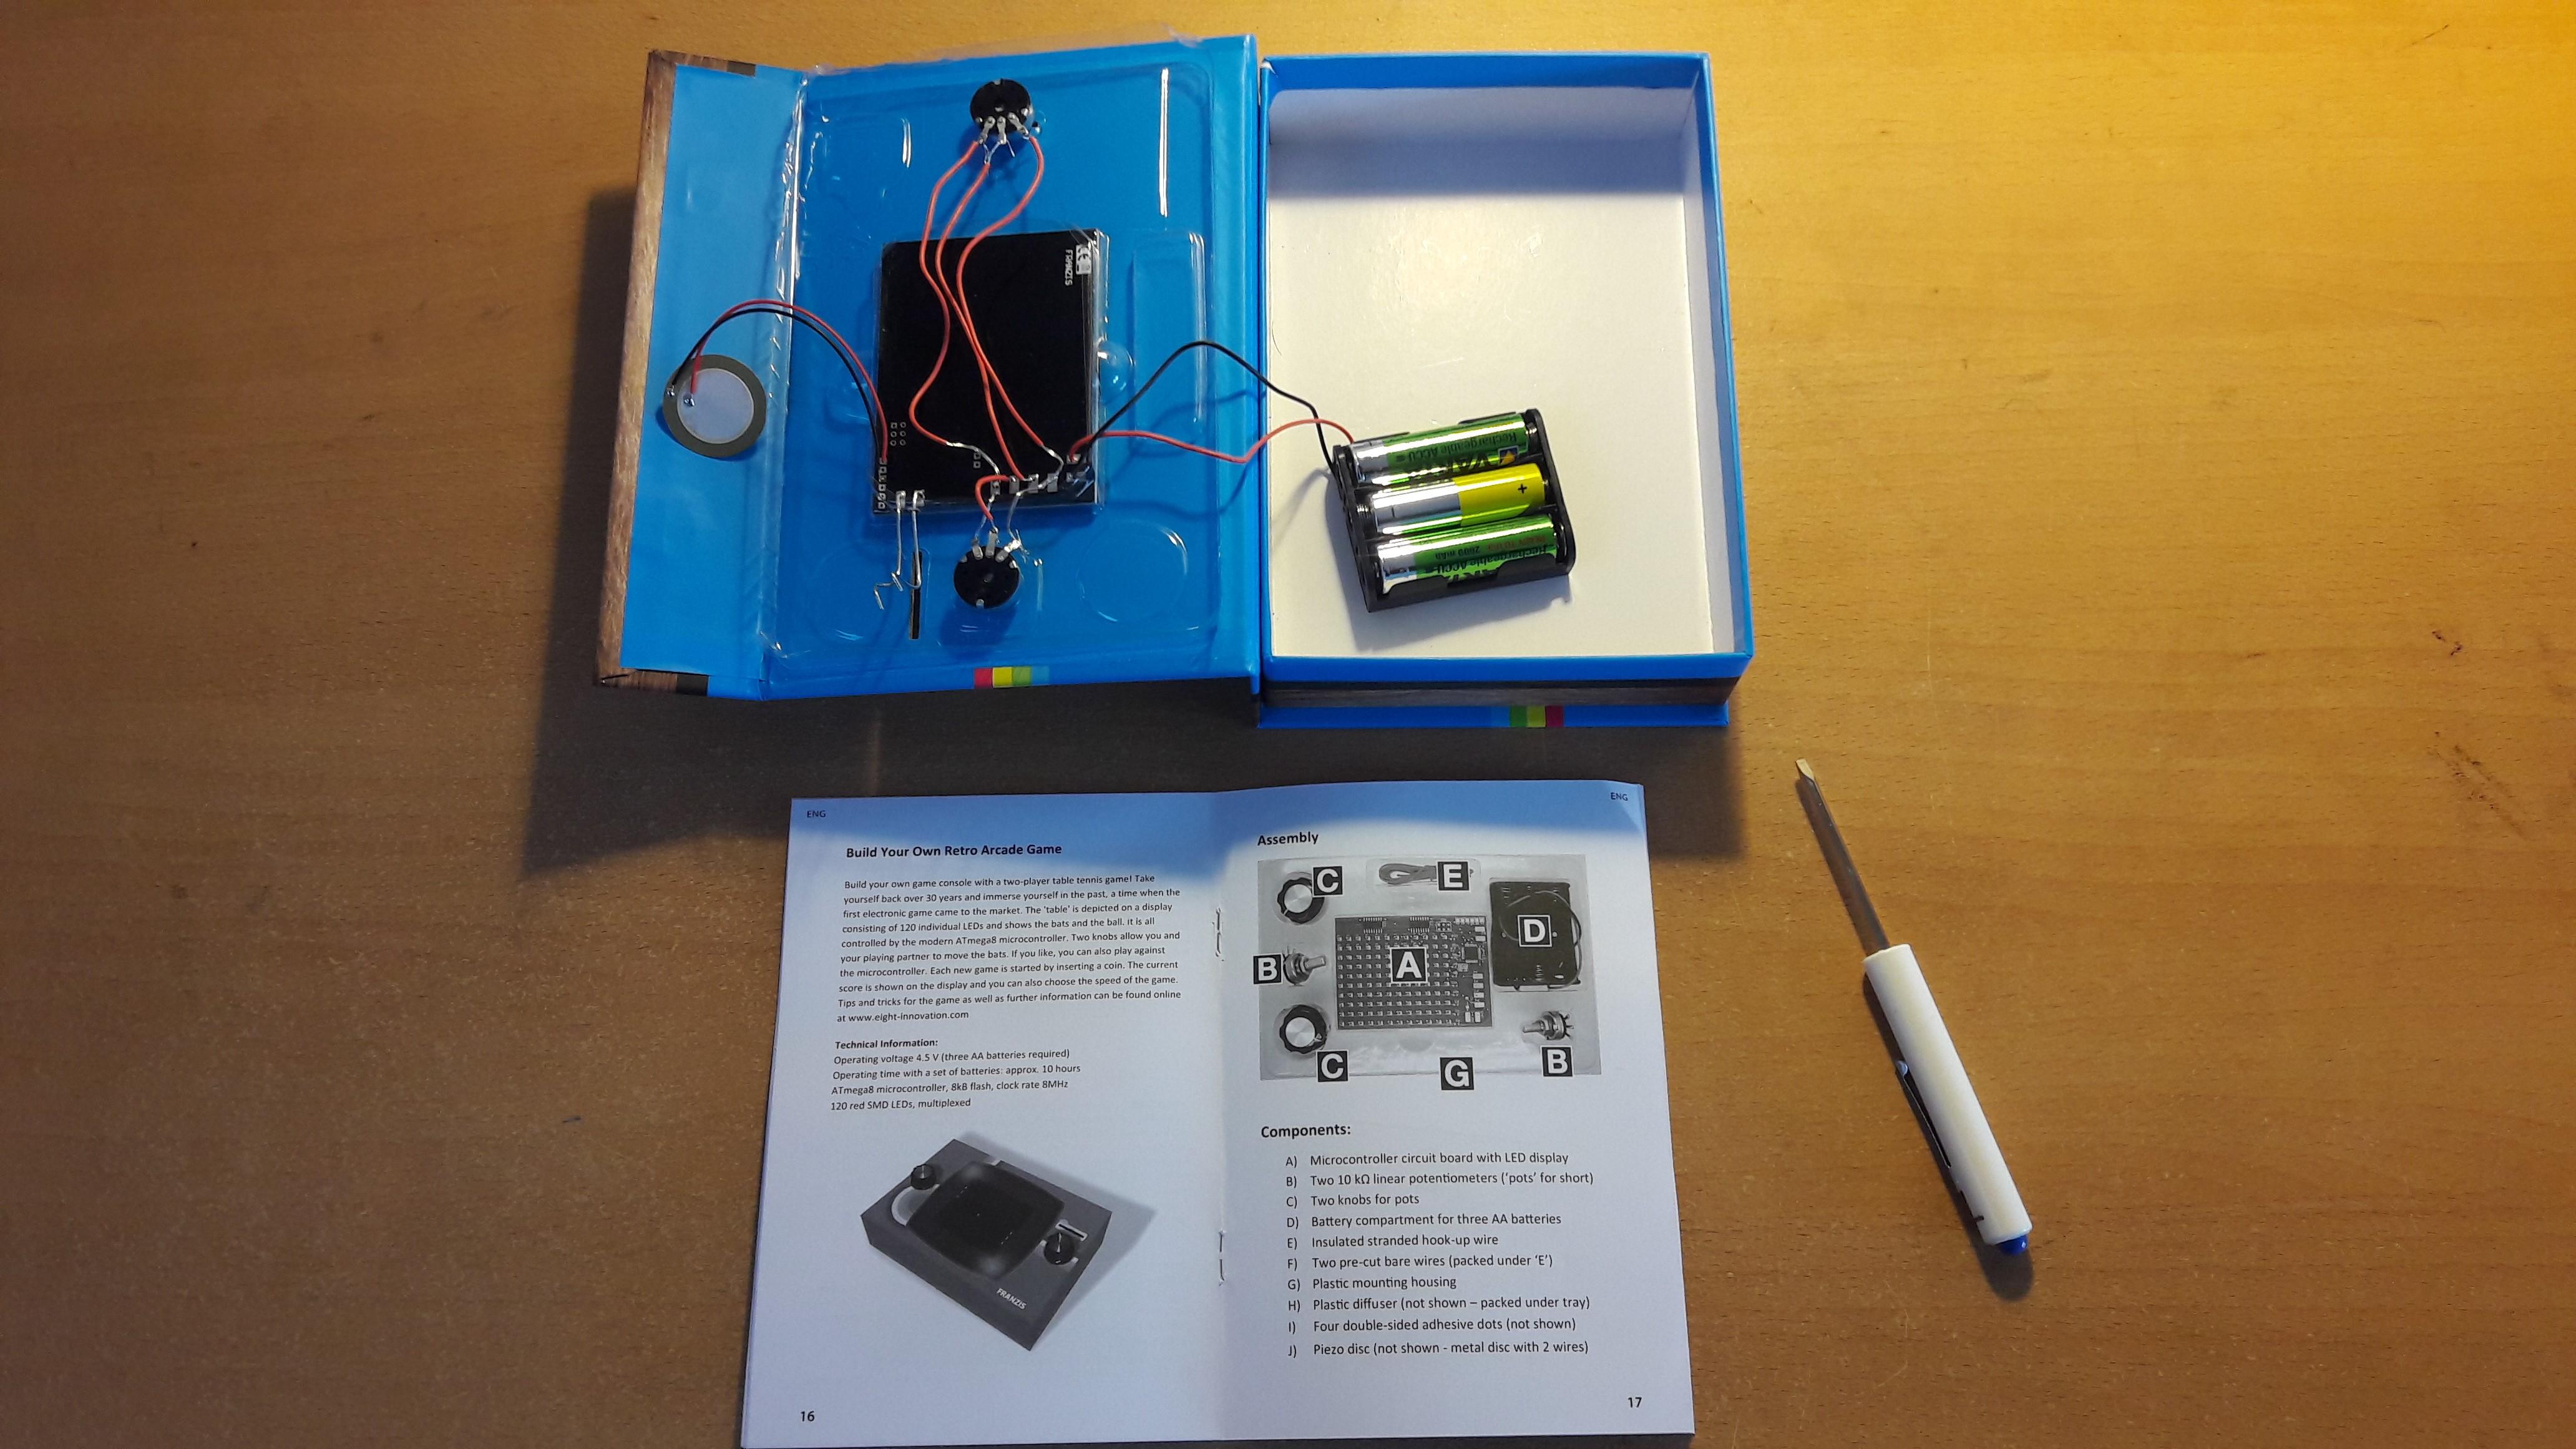 Retro Aracde Kit plastic tray and manual